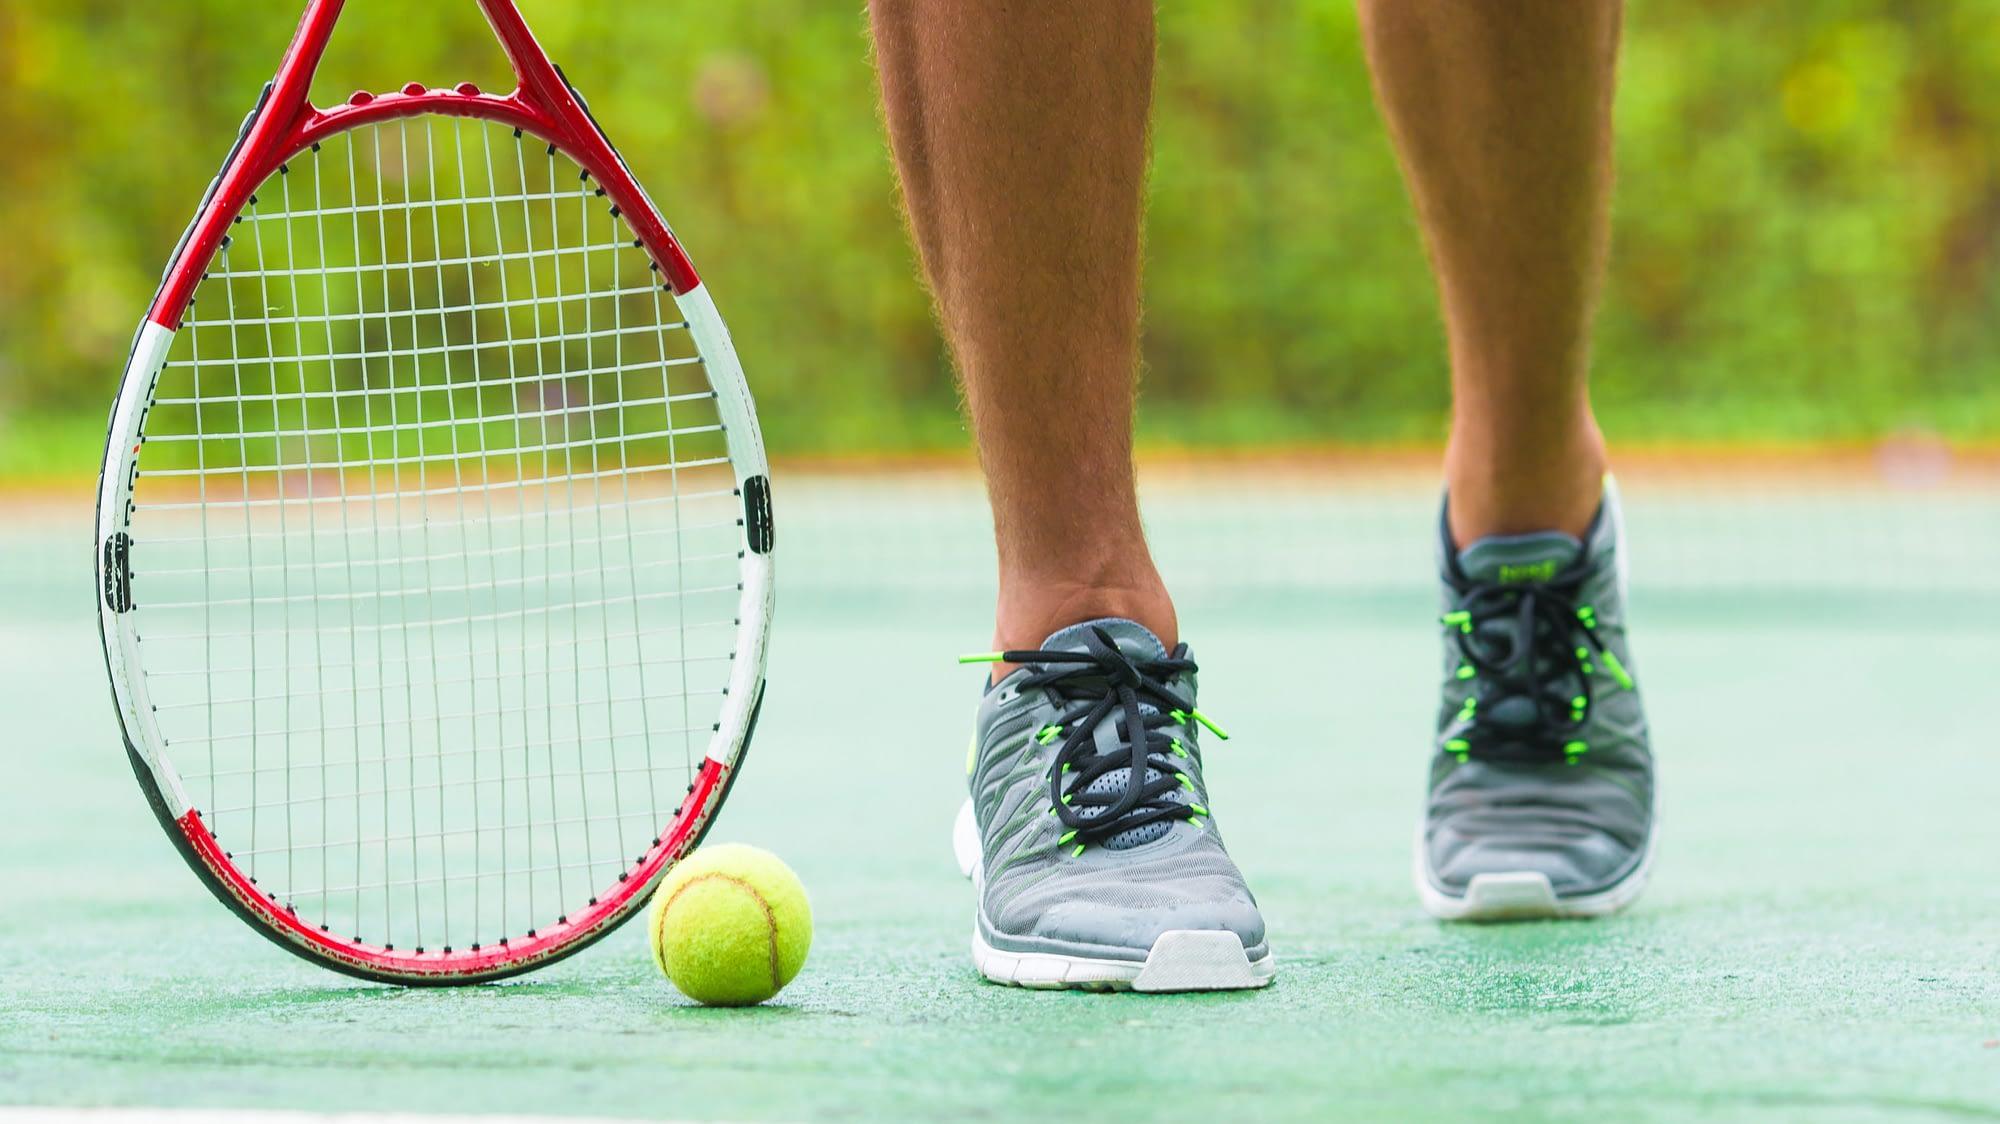 Jambe, raquette et tennis d'un joueur de tennis